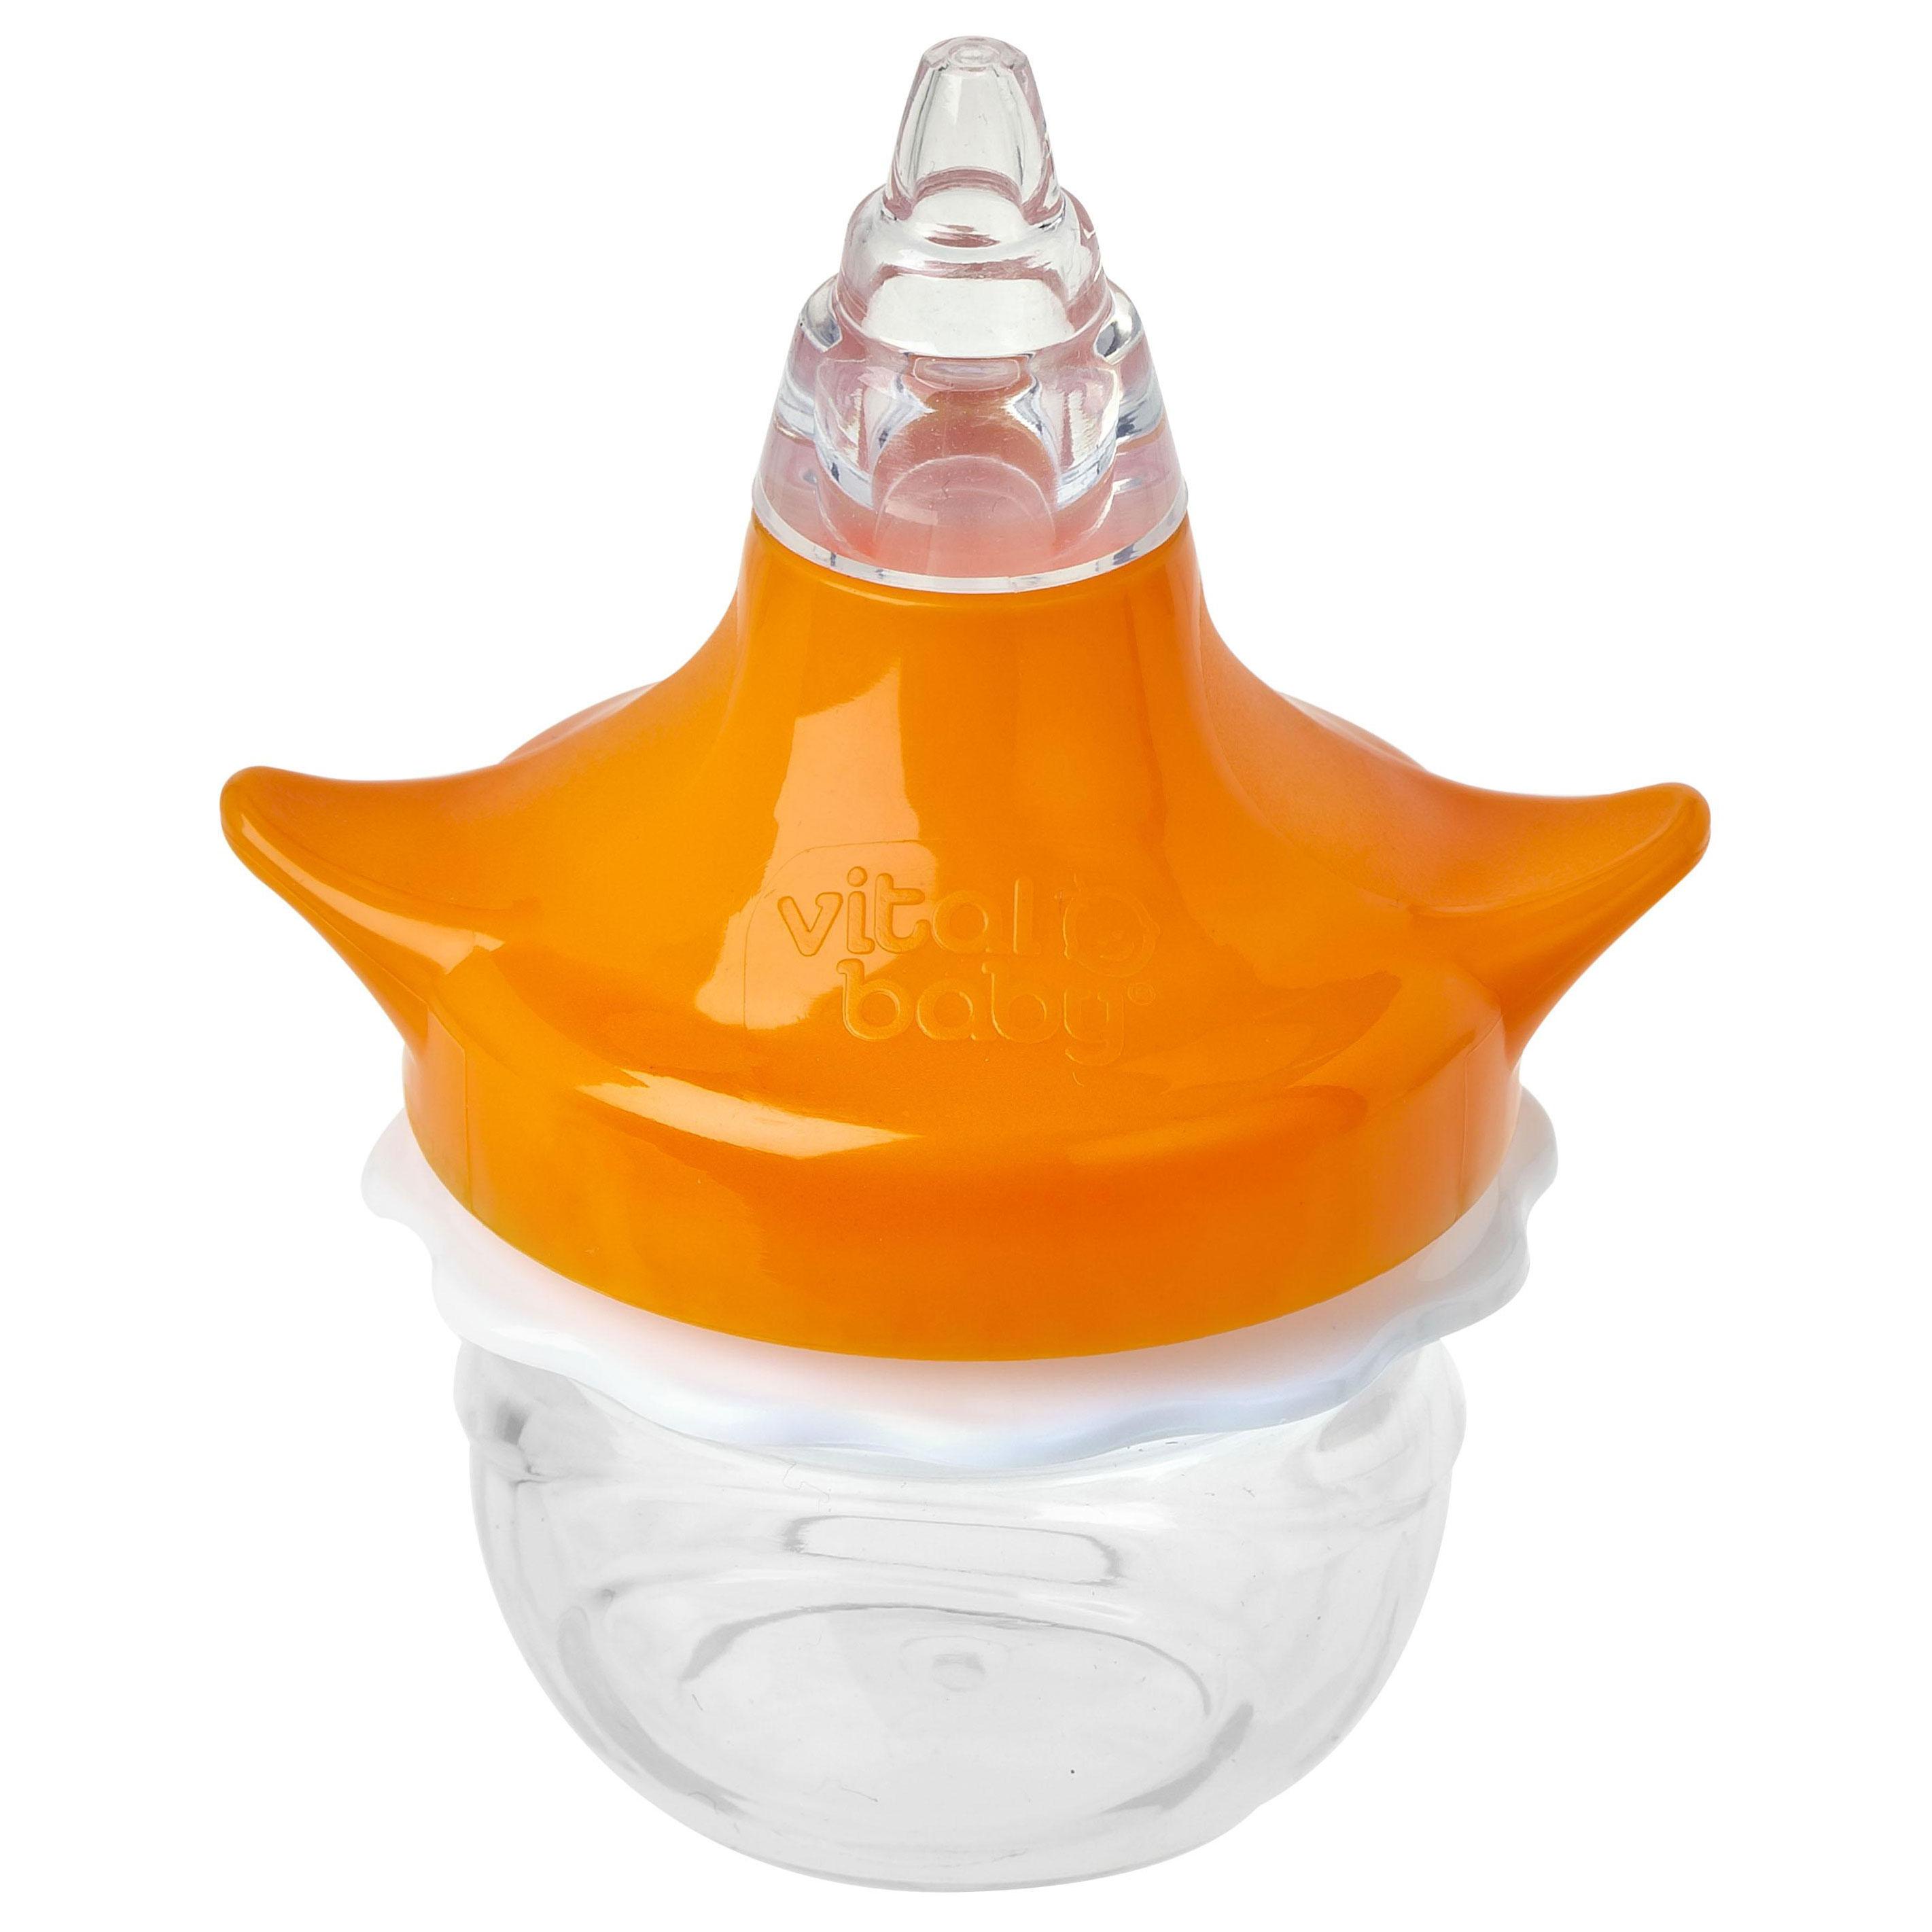 韦特儿Vital安全PP材质不含双酚A鼻腔清洁器